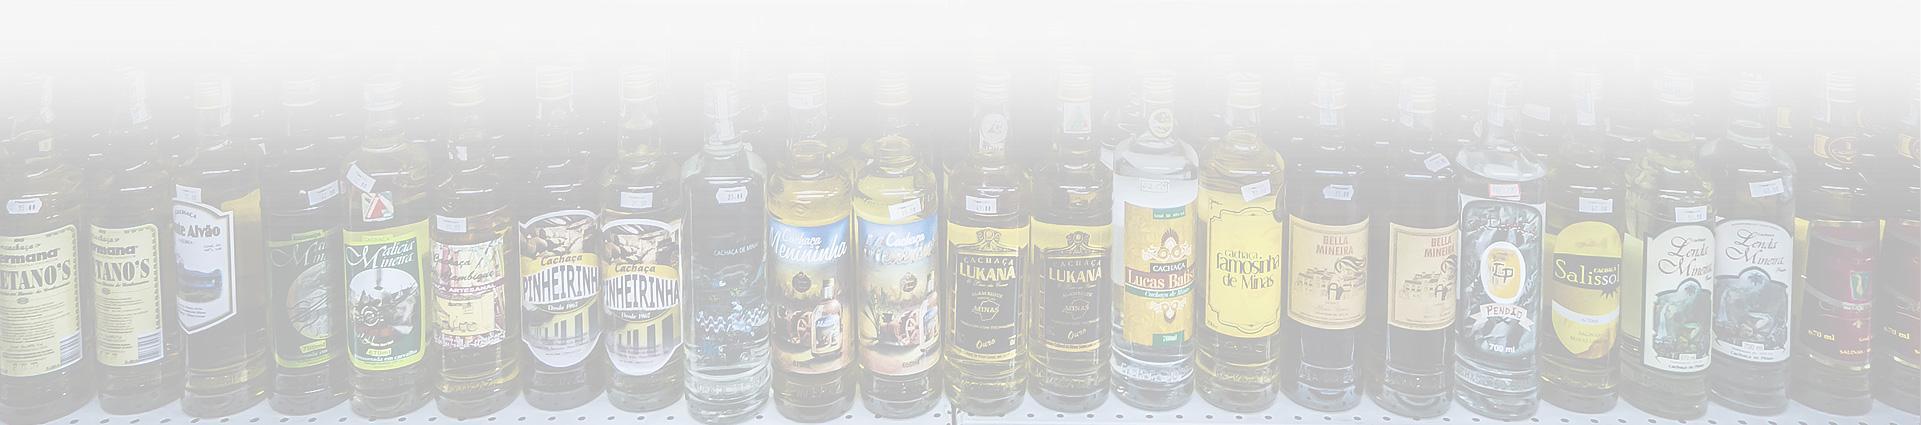 różnego rodzaju alkohole stojące na półce w sklepie